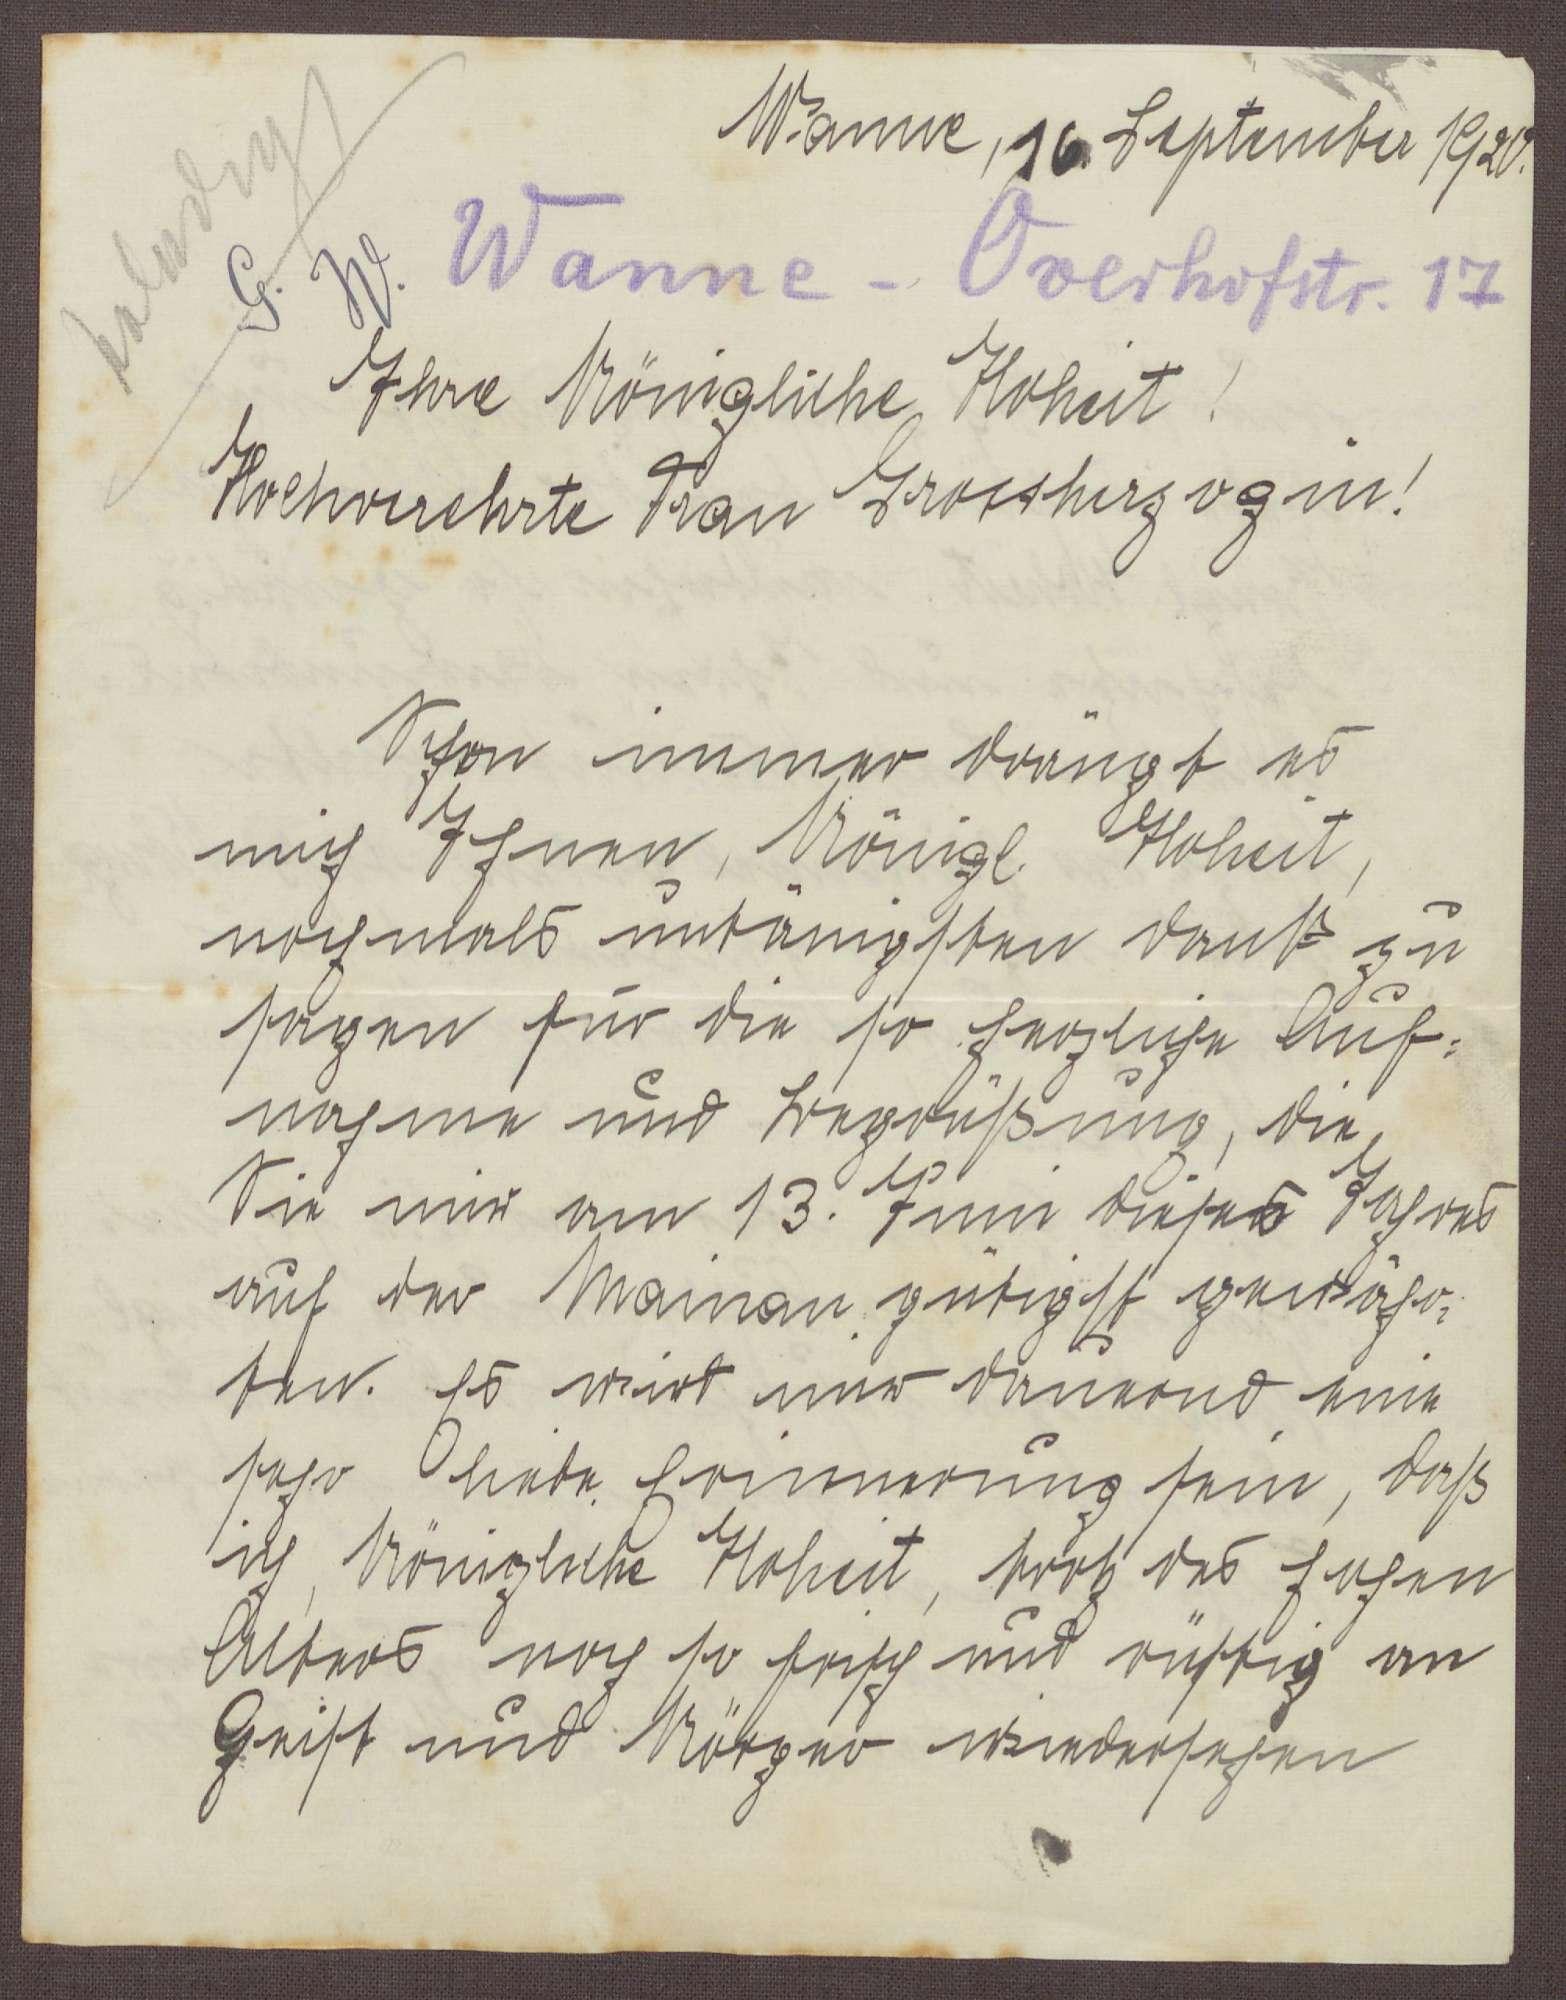 Schreiben von Greta Wolff an die Großherzogin Luise; Aufenthalt auf der Insel Mainau; Segenswünsche für die Großherzogin, Bild 1